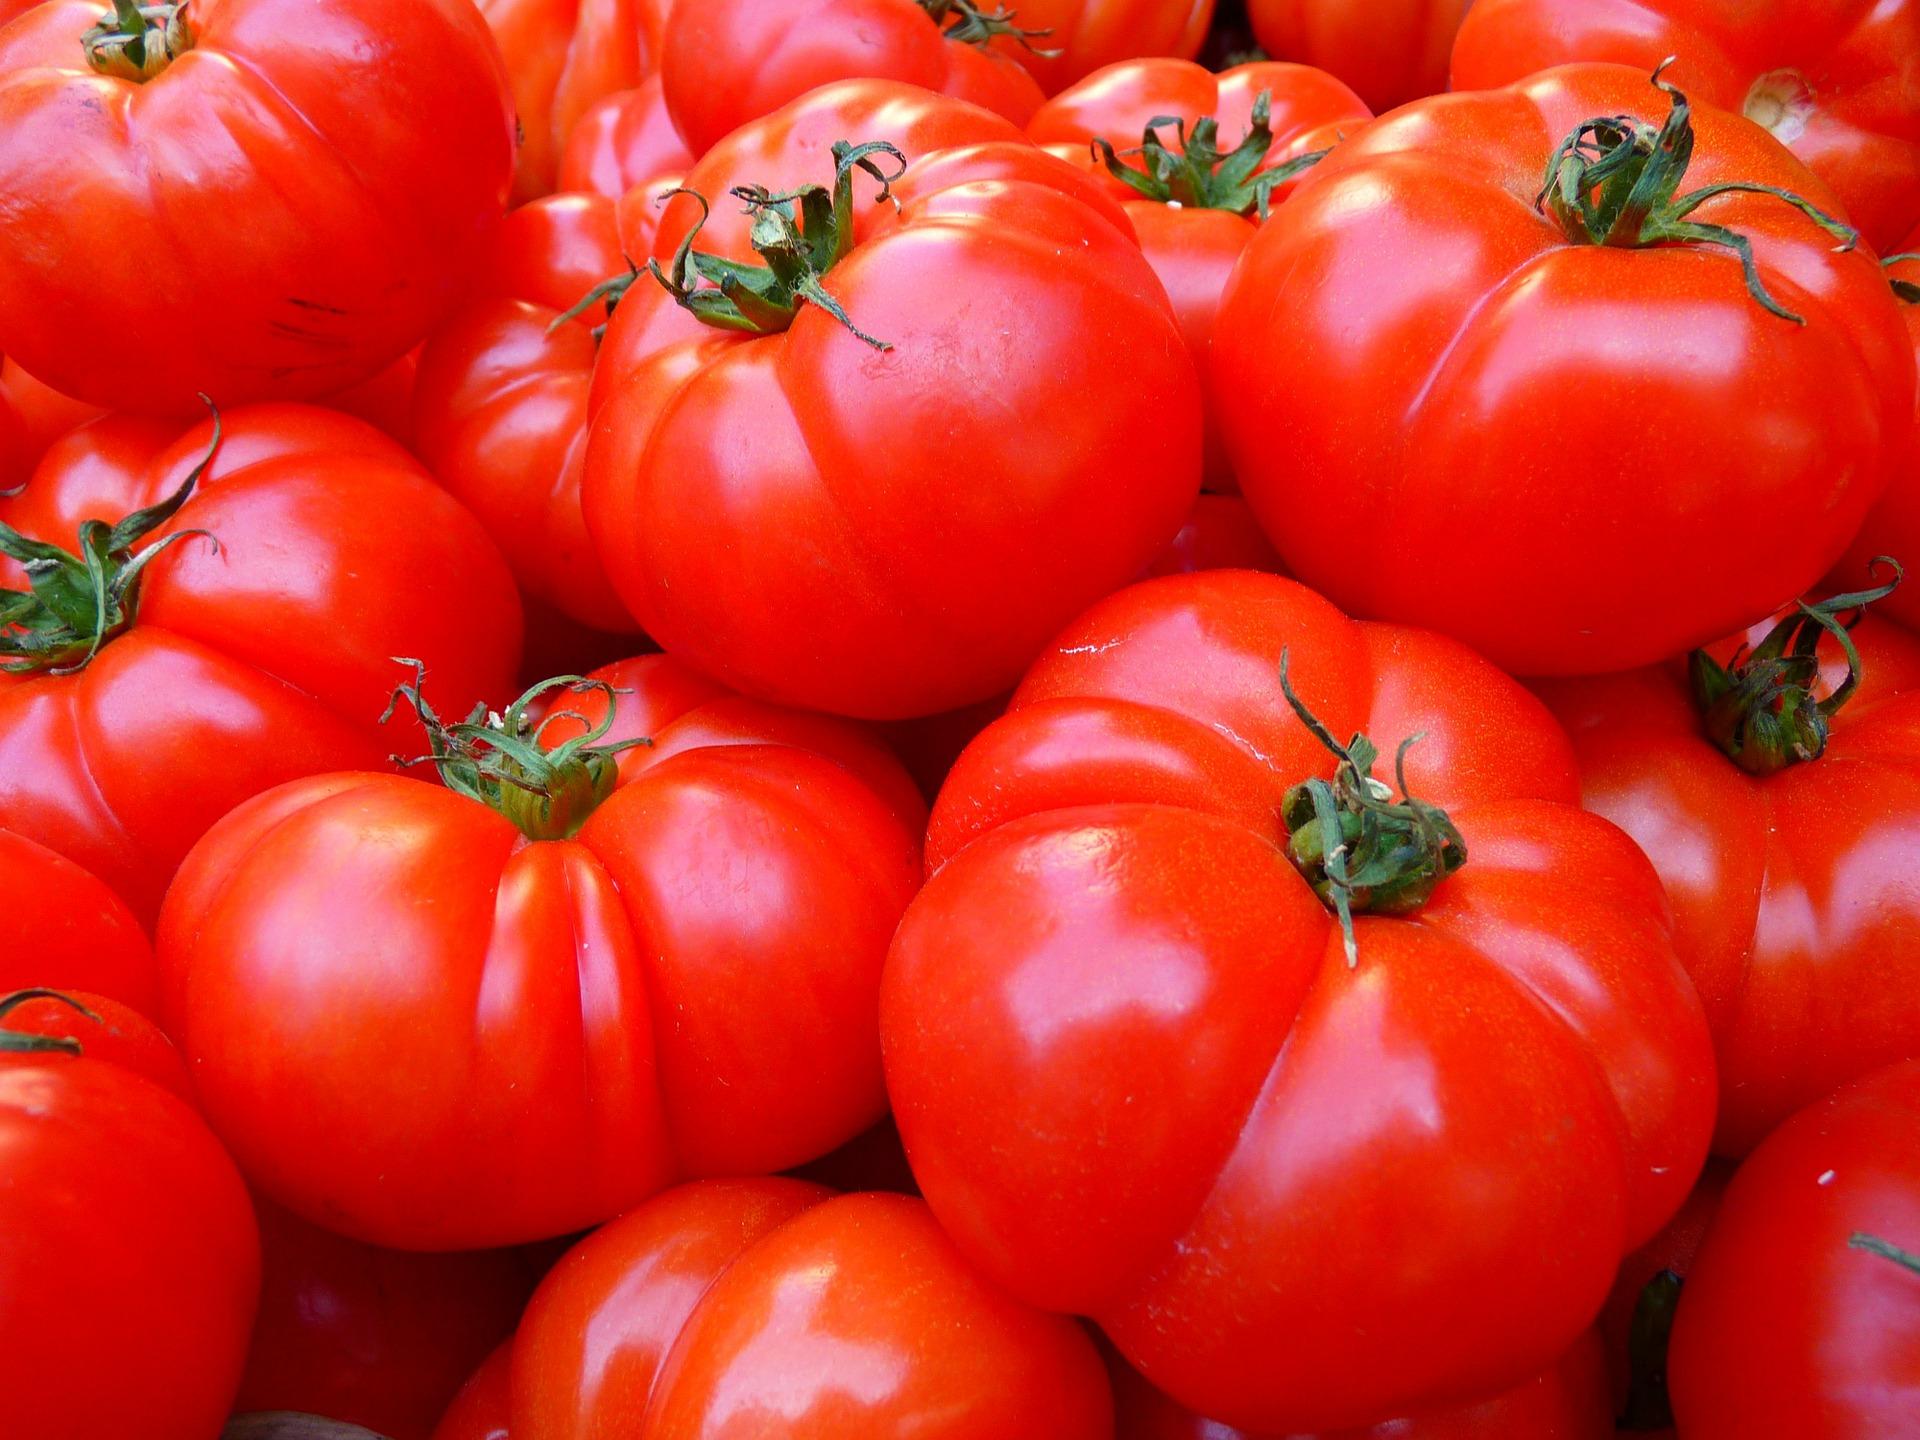 理想のトマトが美味しすぎてハマった!毎日摂取したいリコピンの効果と摂取量は?